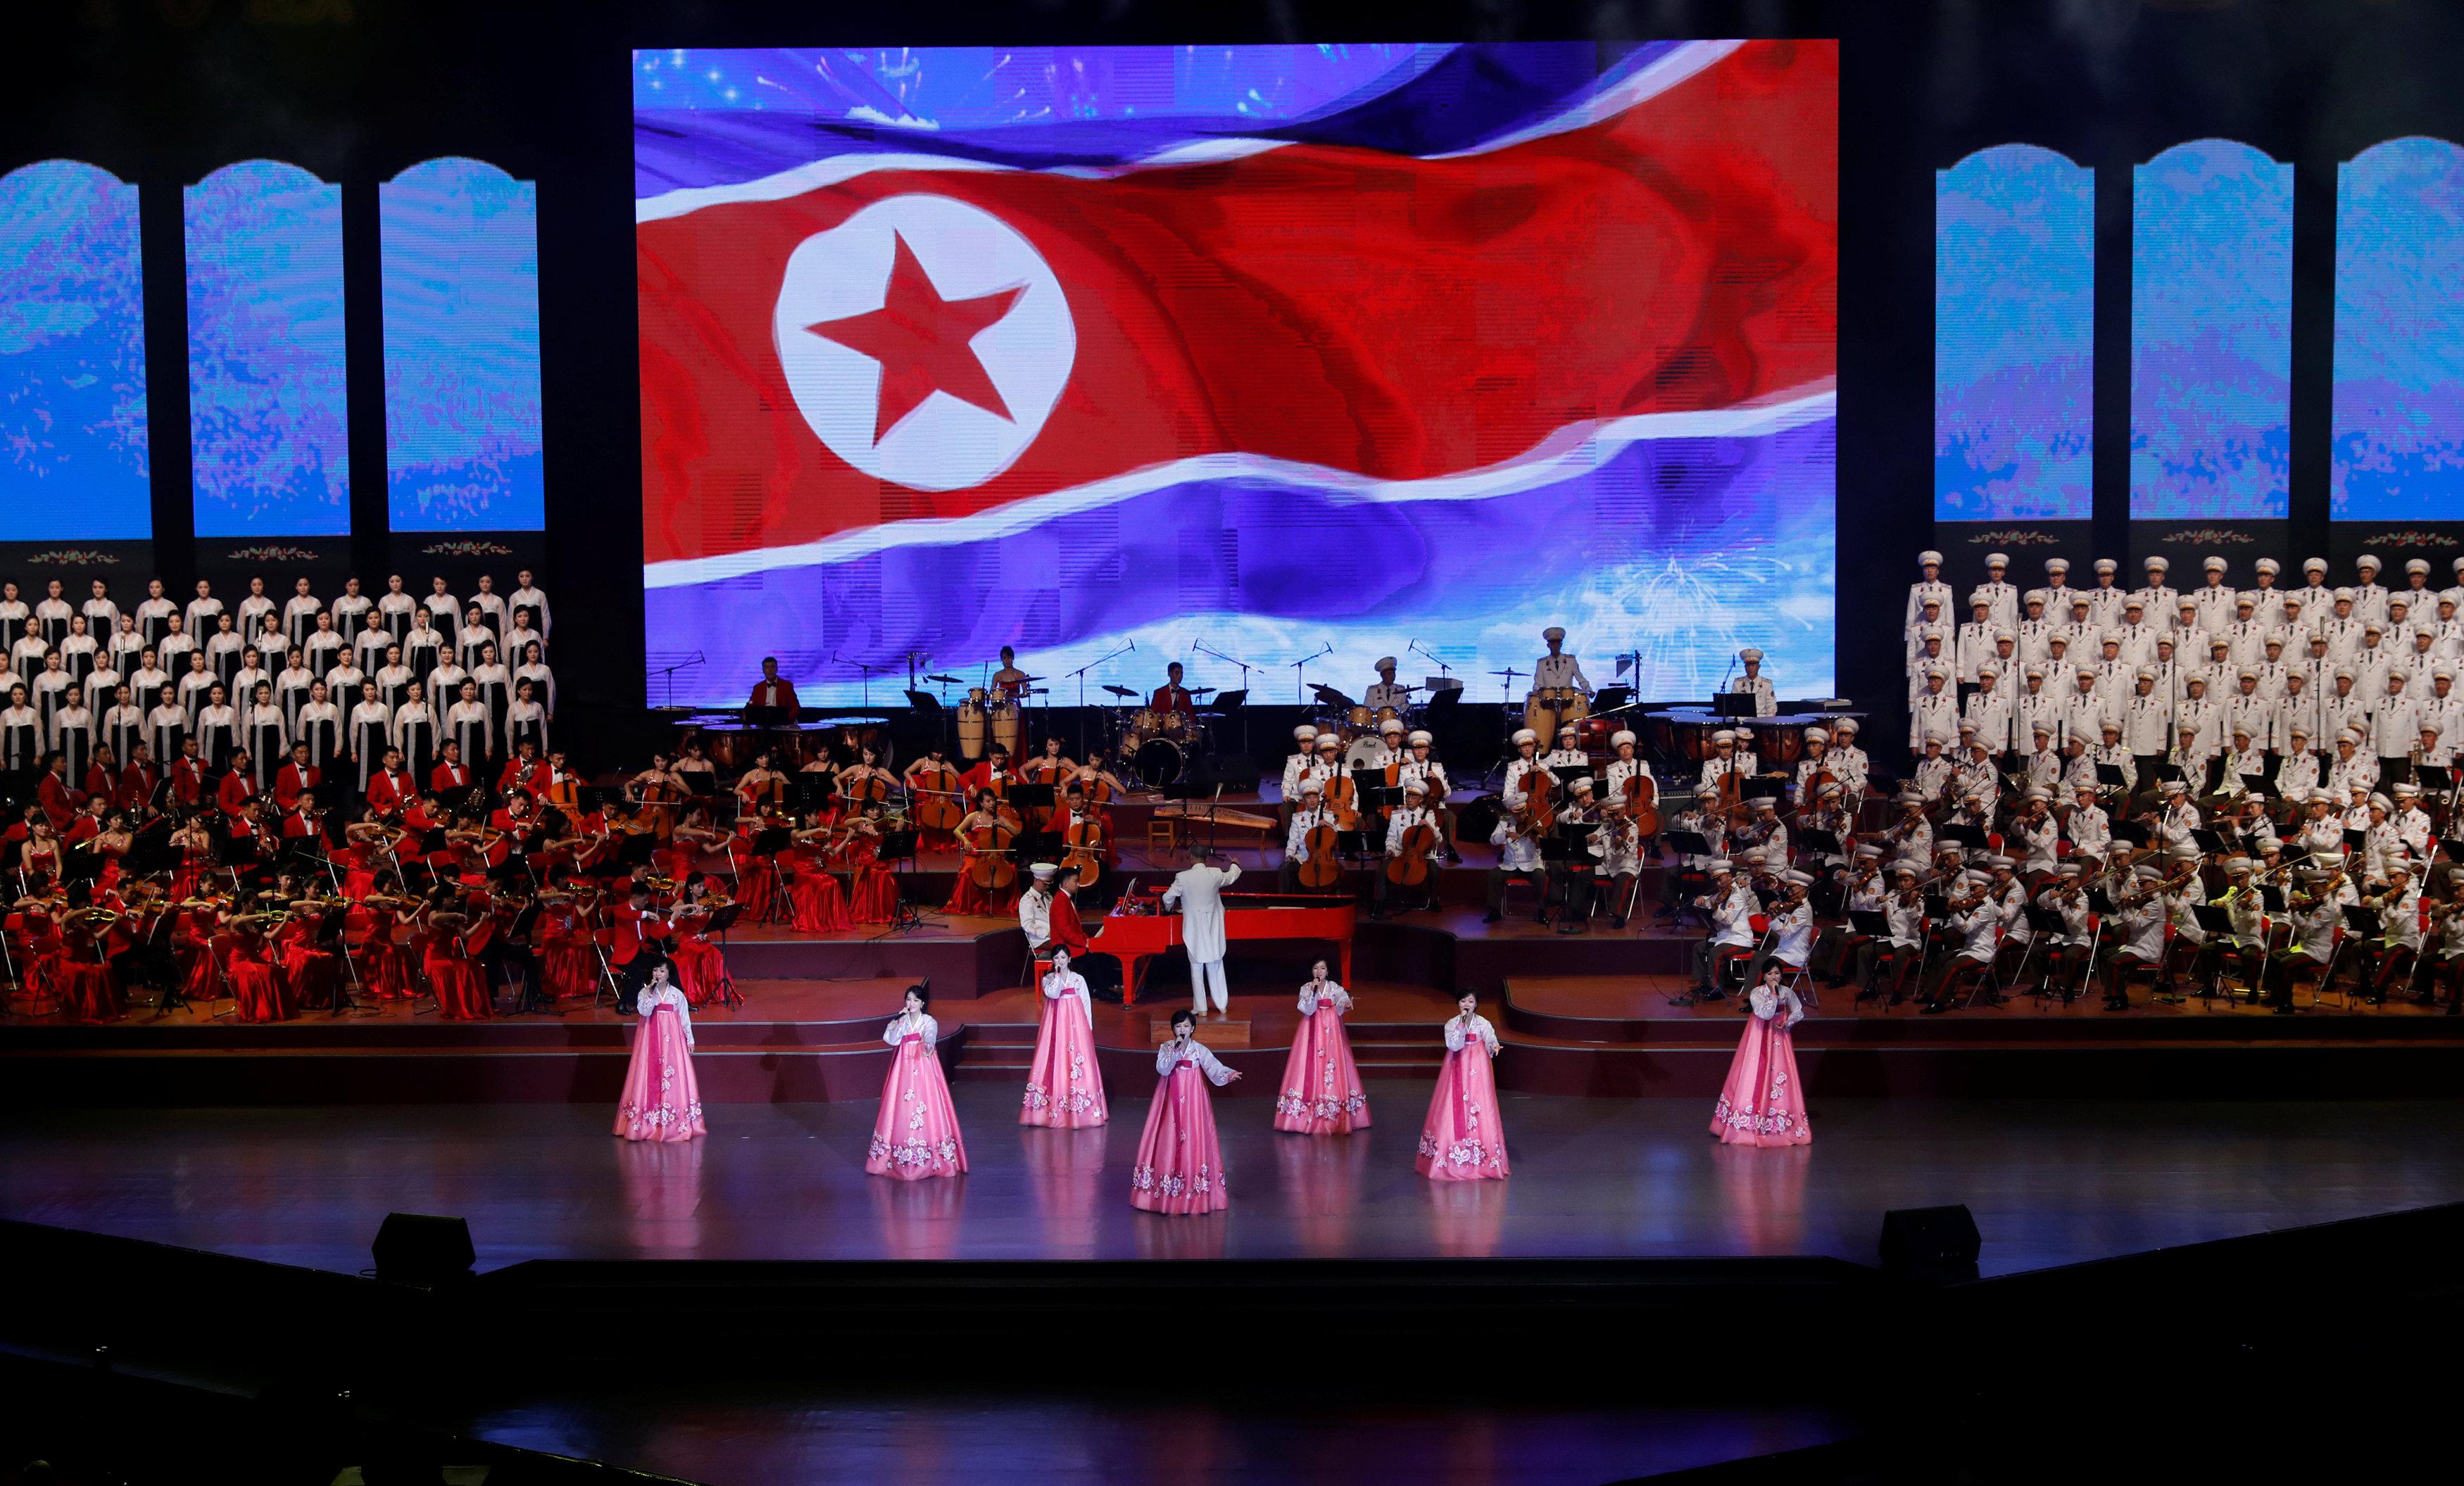 فنانو الأداء خلال حفل موسيقى عشية الذكرى السنوية السبعين لتأسيس كوريا الشمالية